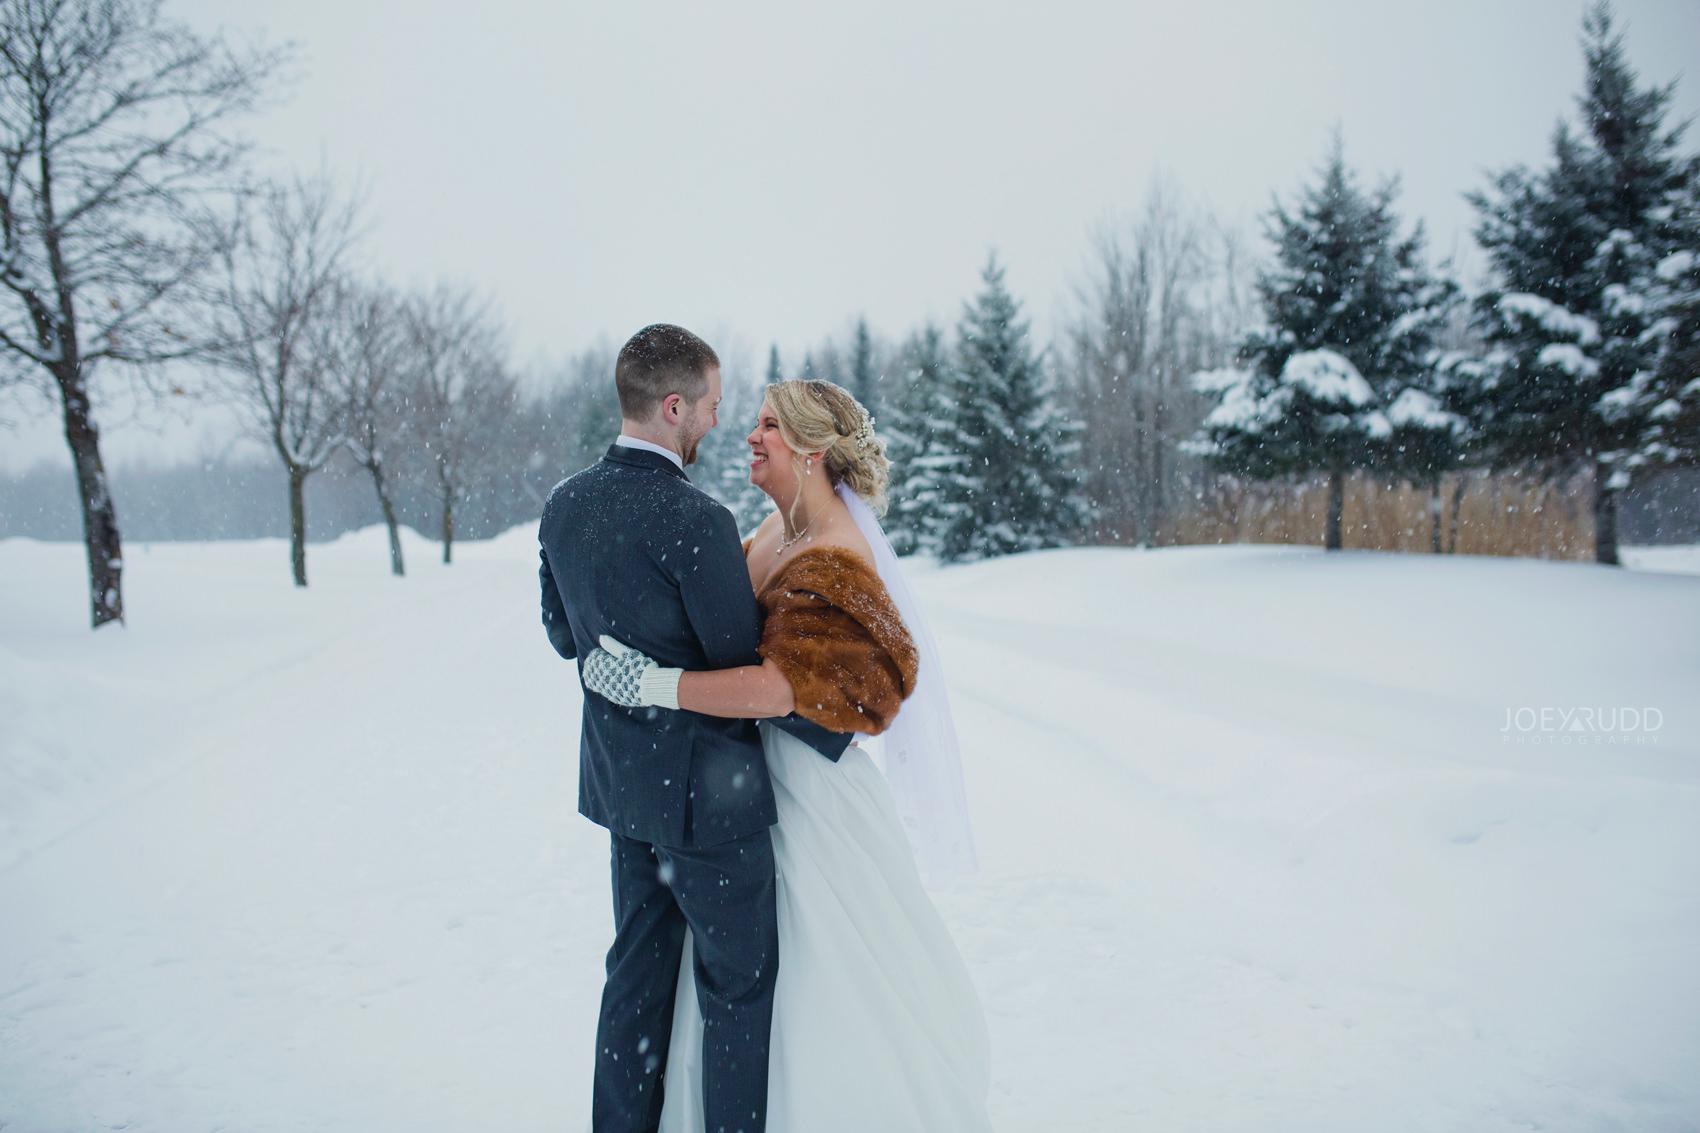 Winter Wedding in Ottawa at Greyhawk Golf Club by Ottawa Wedding Photographer Joey Rudd Photography Dancing